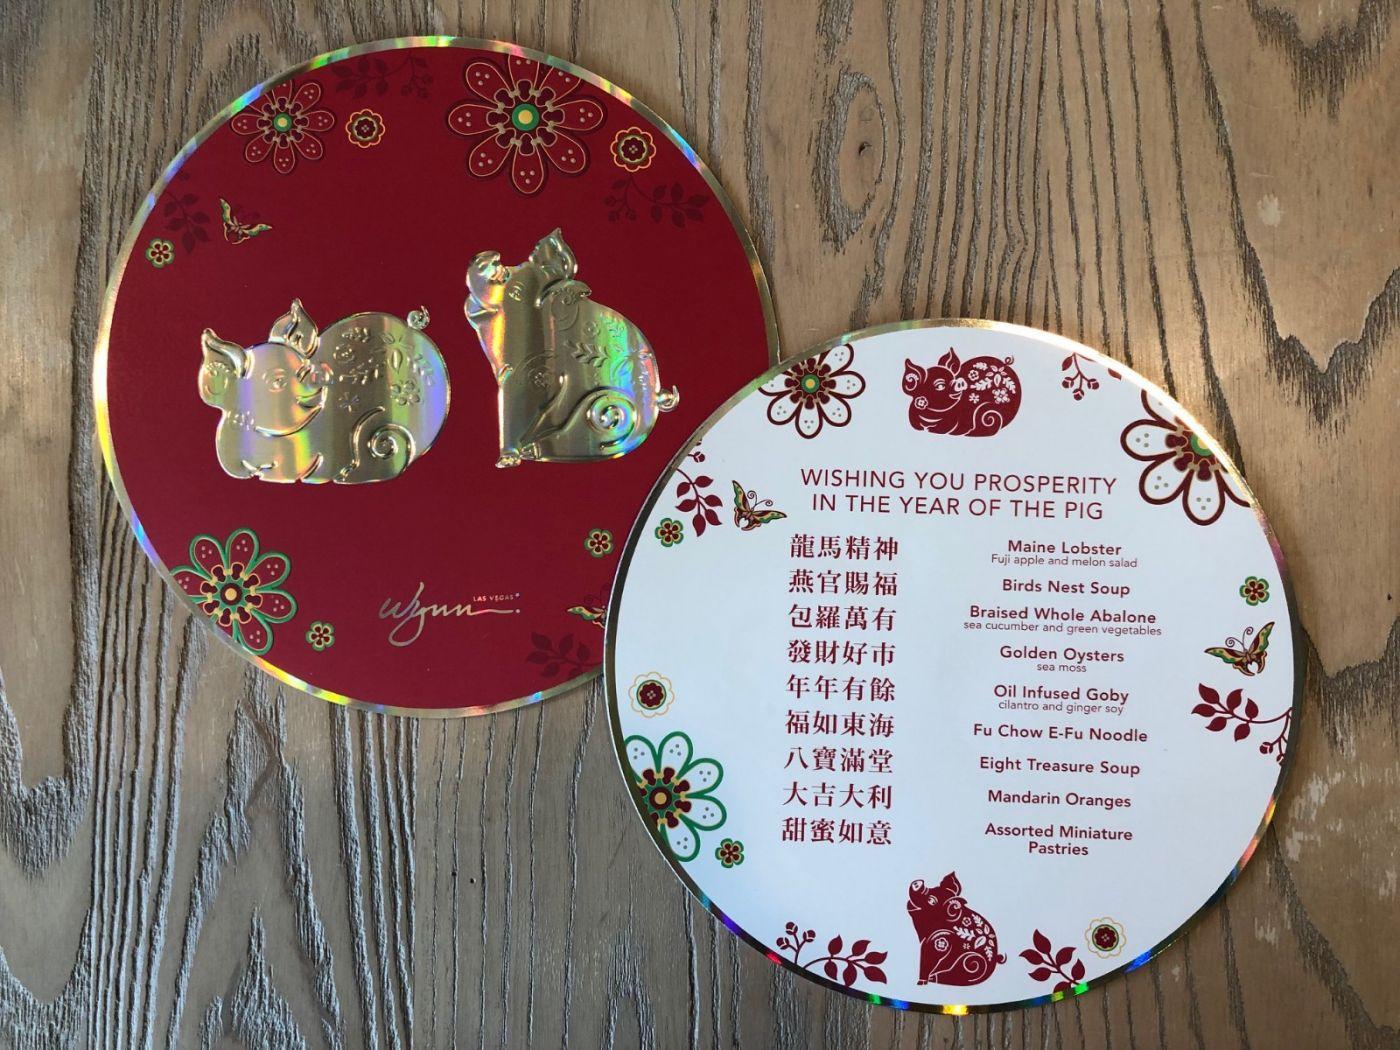 拉斯维加斯是这样庆祝中国新年的_图1-6